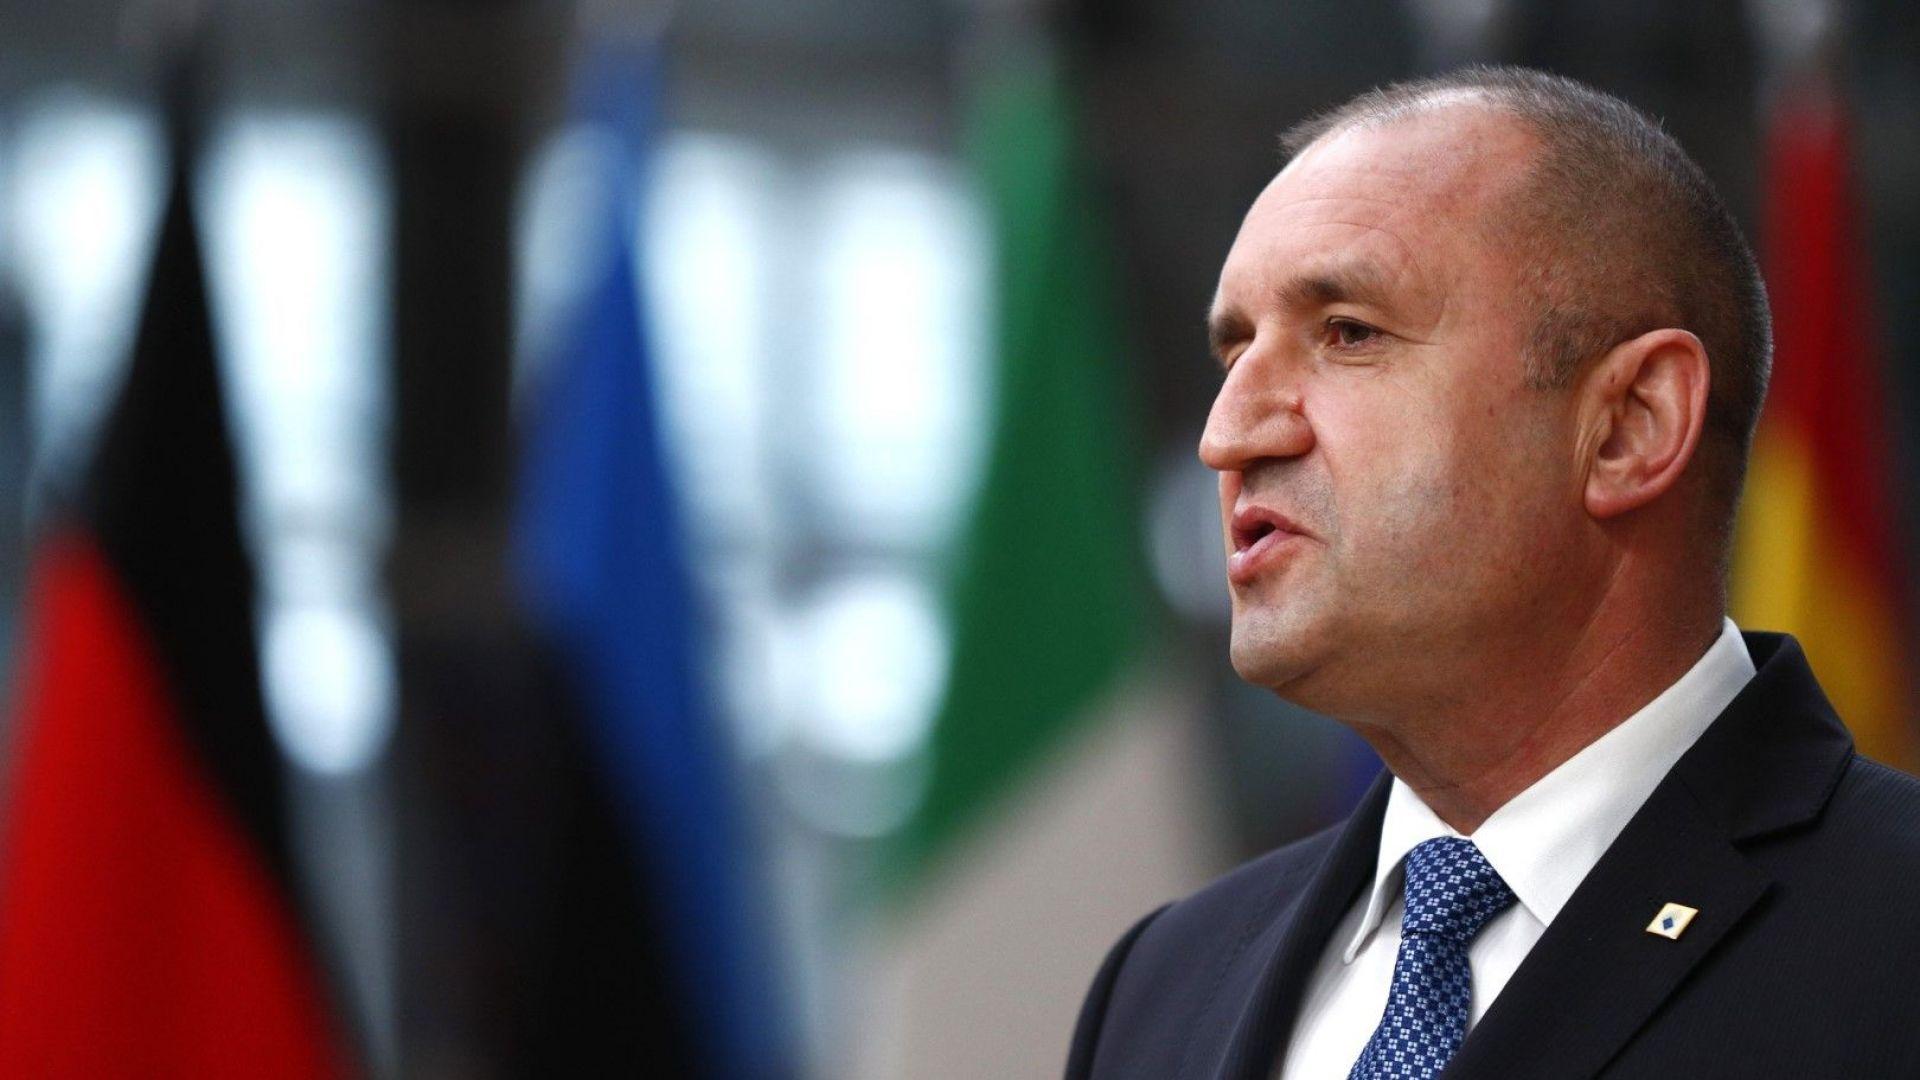 Румен Радев: България настоява пред ЕС за поносим преход към чиста икономика